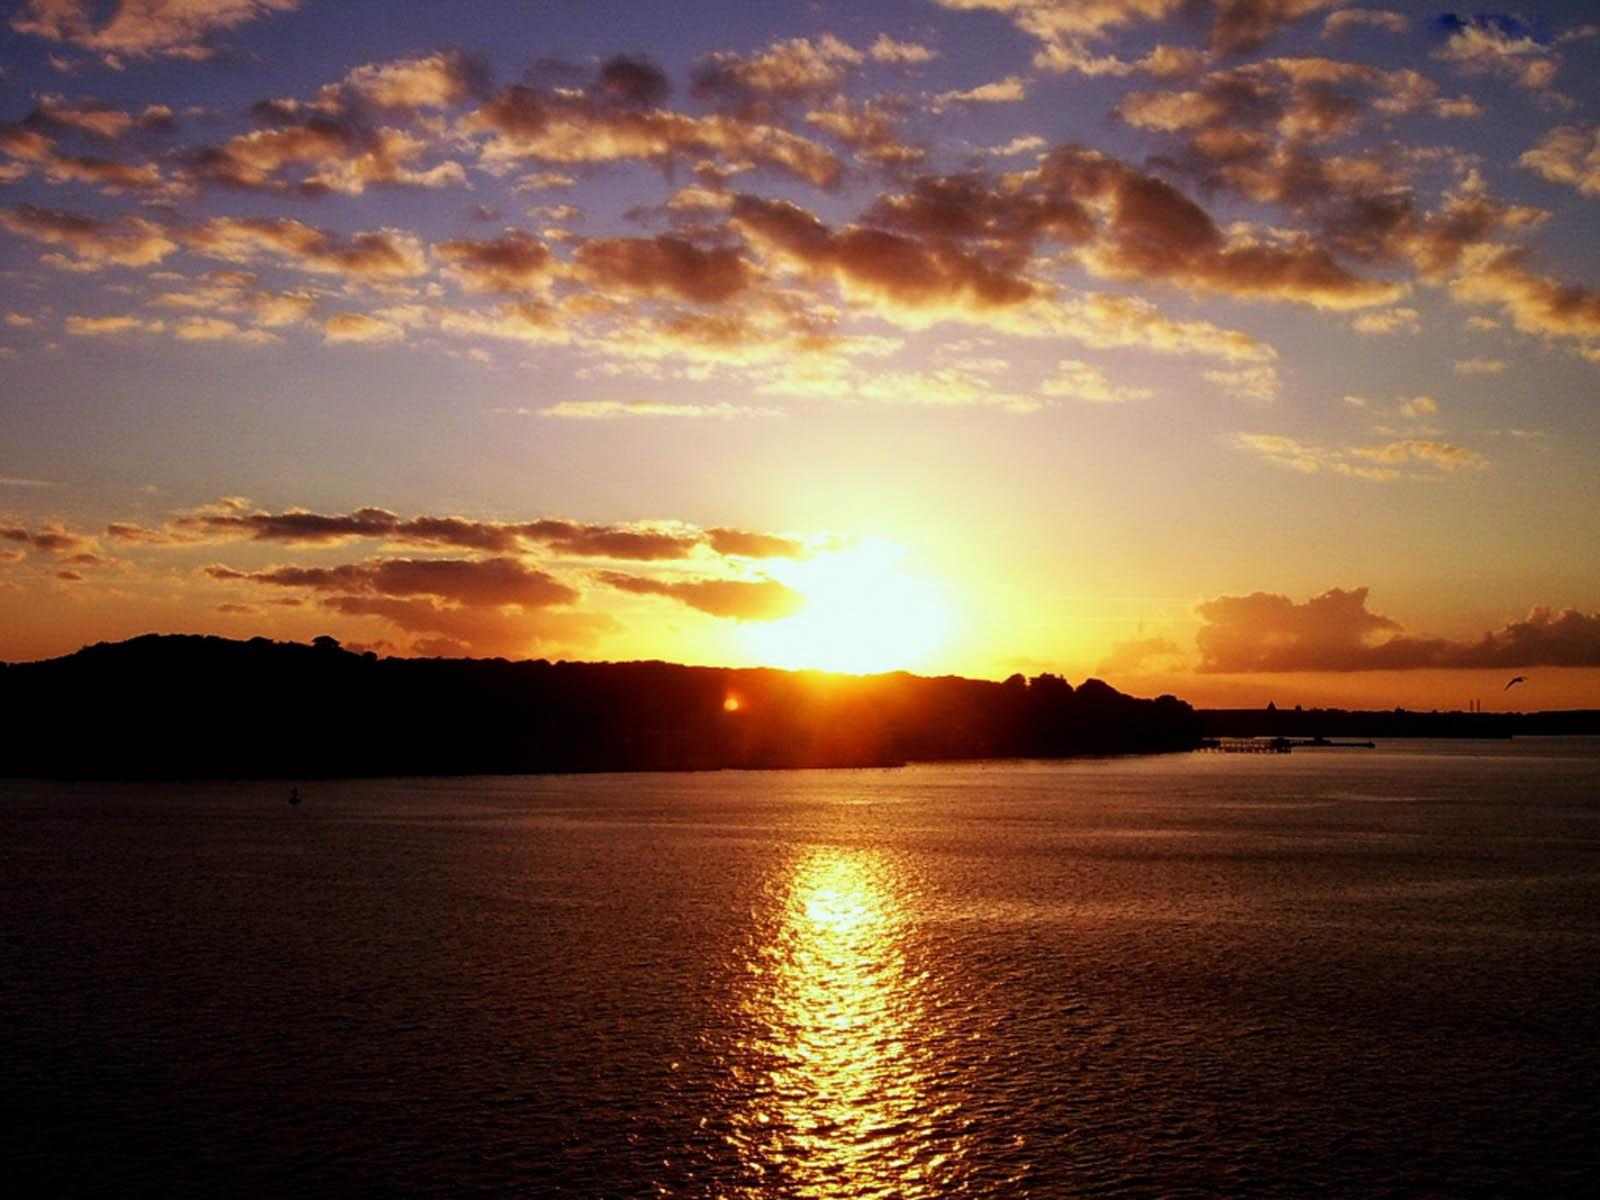 wallpaper: Island Sunset Wallpapers